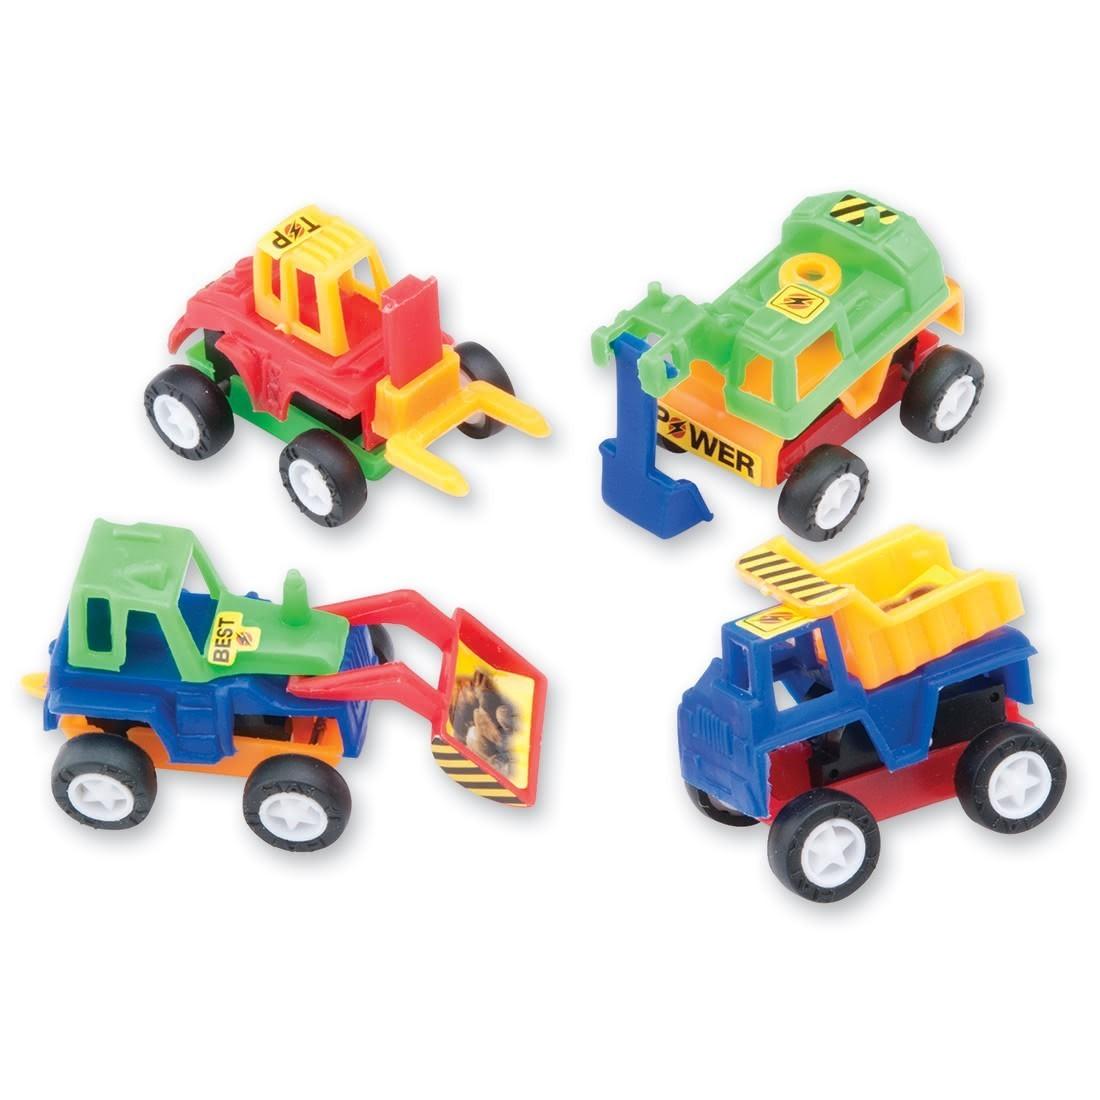 Pullback Work Trucks [image]